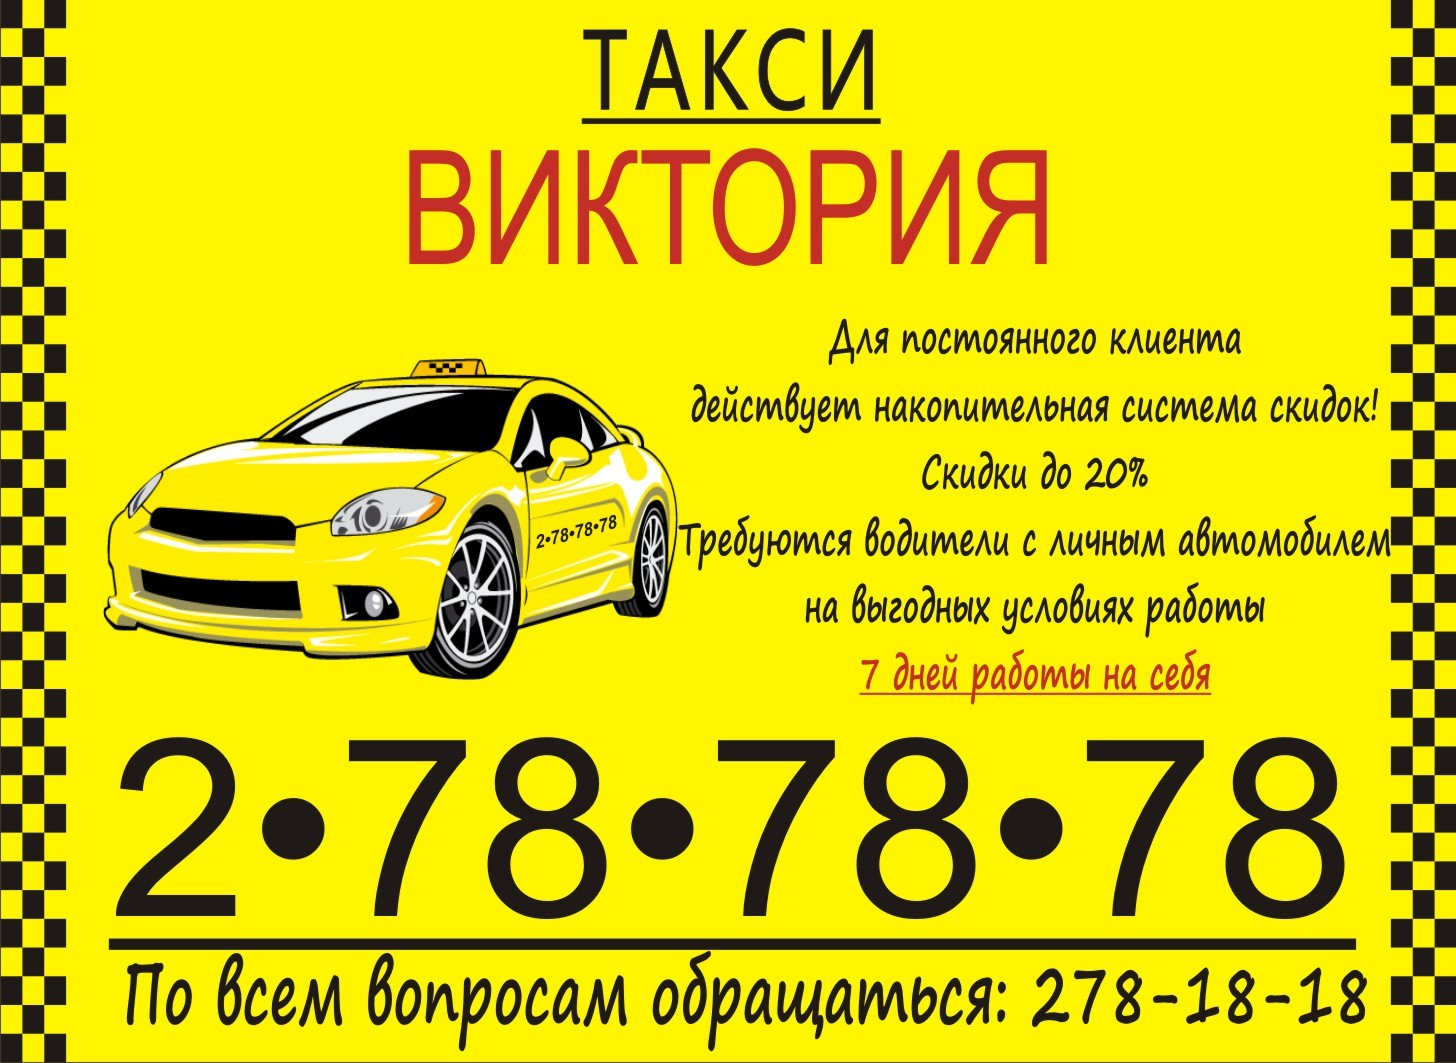 Визитки для такси в Москве | фото 3